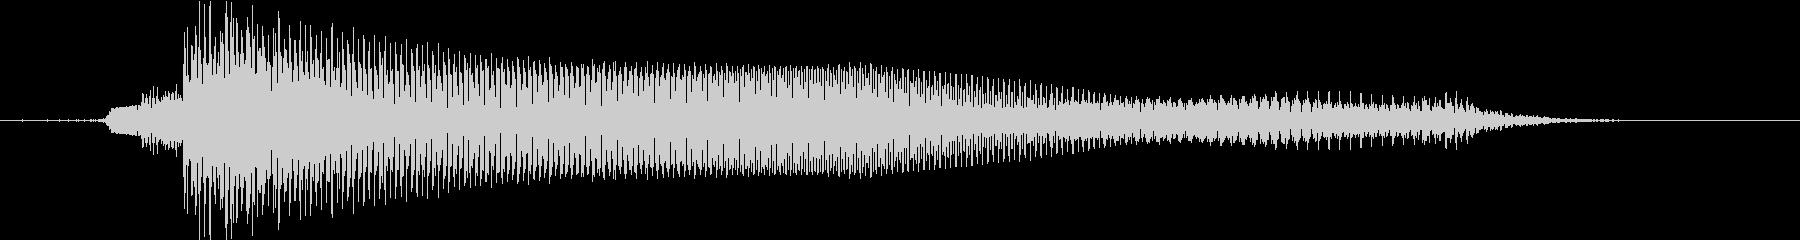 ダークな雰囲気のカントリーロックの未再生の波形